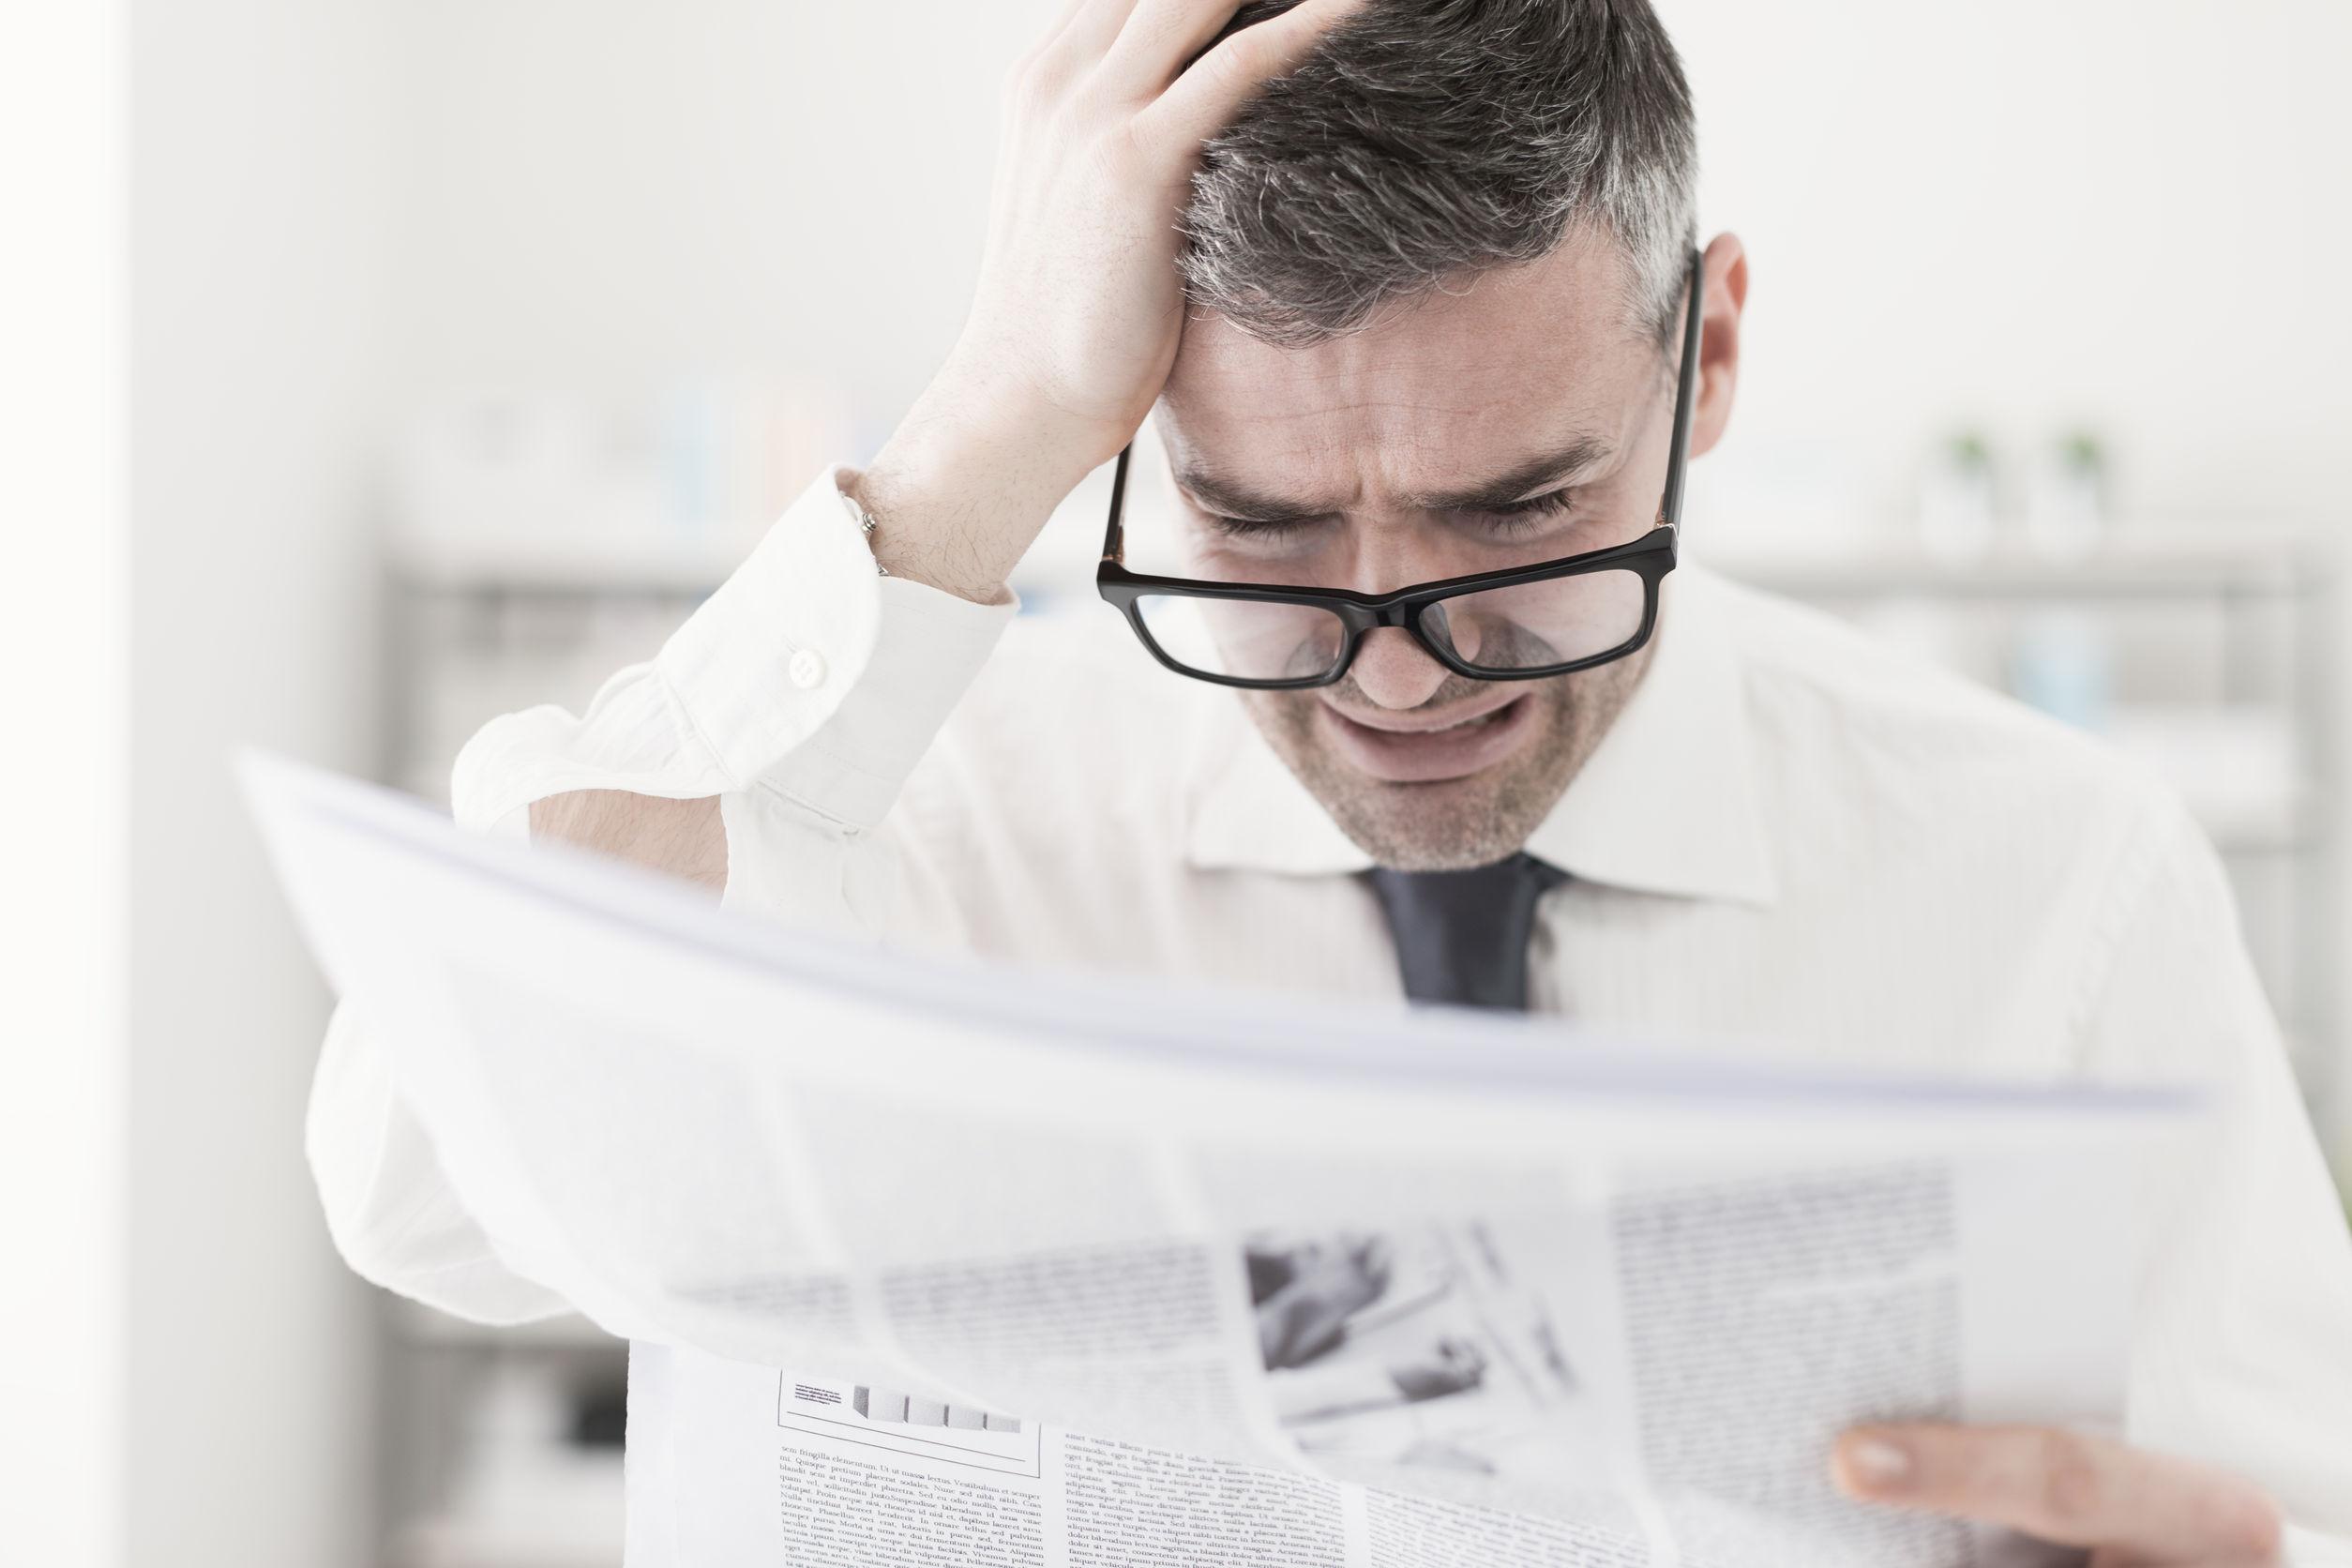 Szomorú ember újságot olvas.